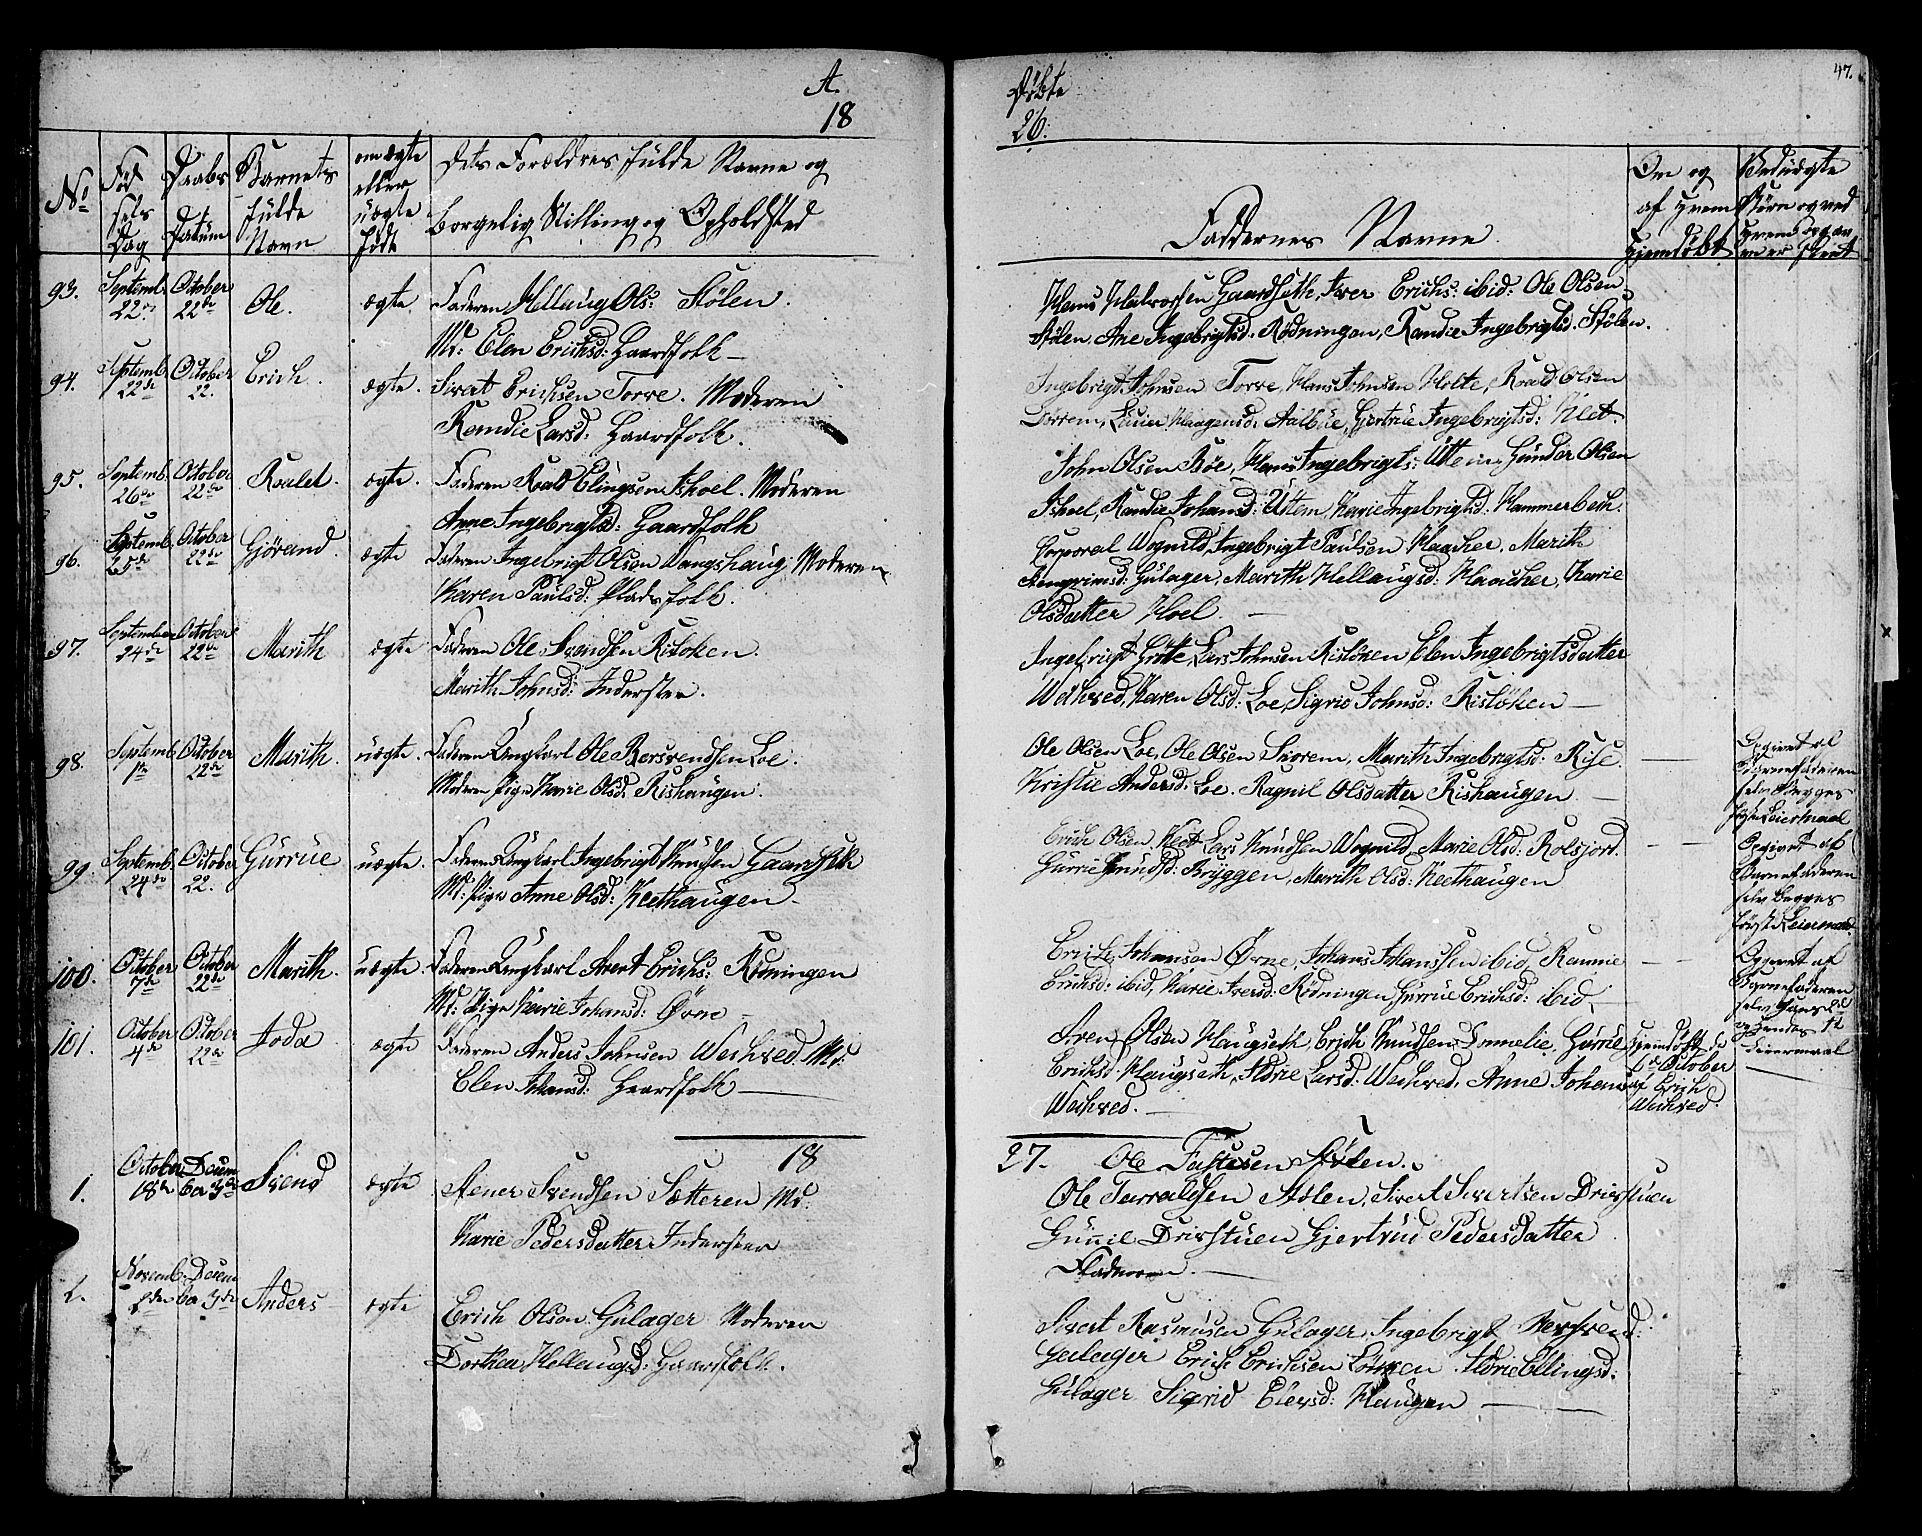 SAT, Ministerialprotokoller, klokkerbøker og fødselsregistre - Sør-Trøndelag, 678/L0897: Ministerialbok nr. 678A06-07, 1821-1847, s. 47